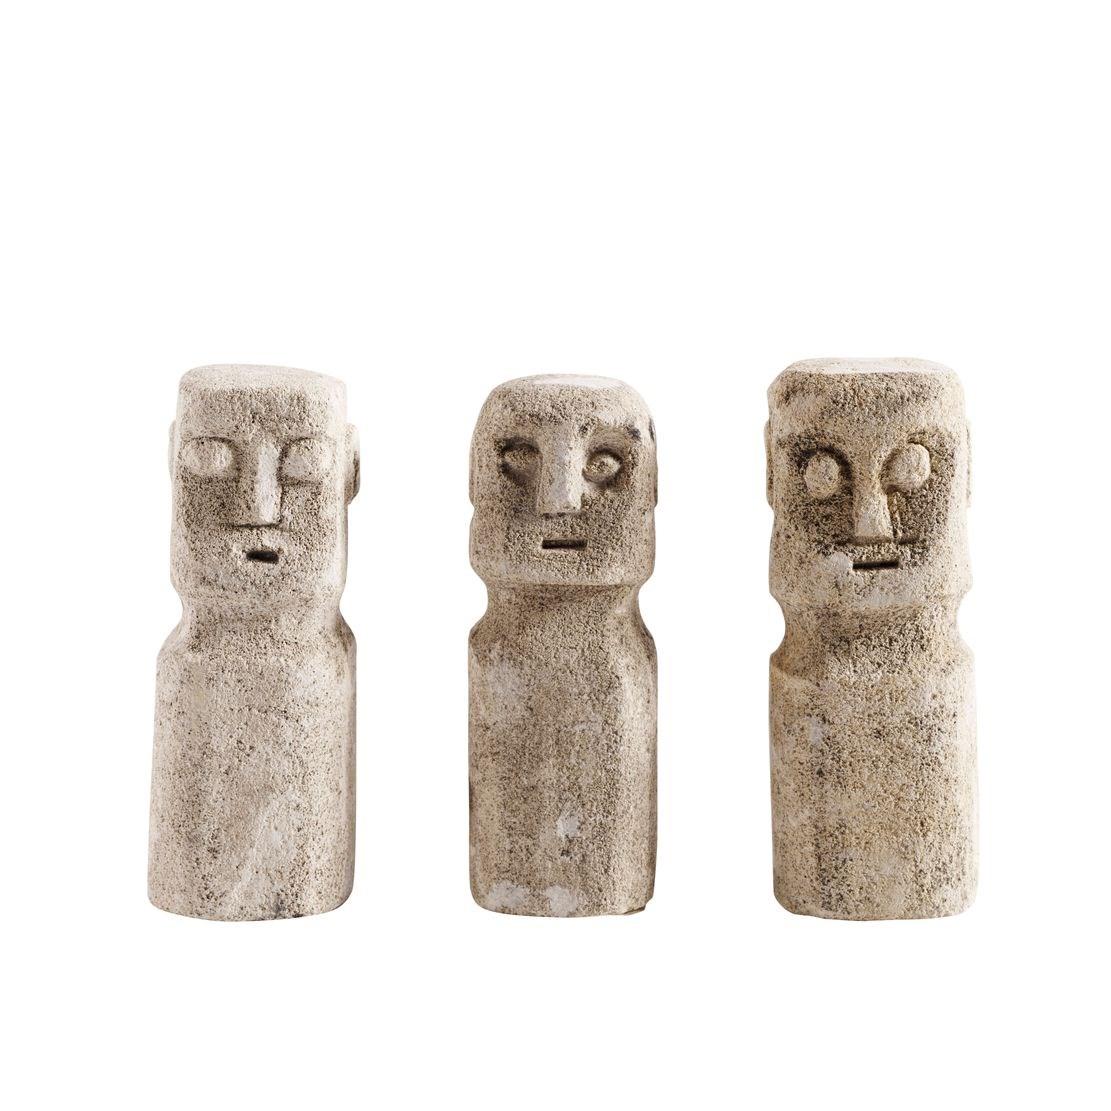 Kamenné sošky RAW SET/3ks_4